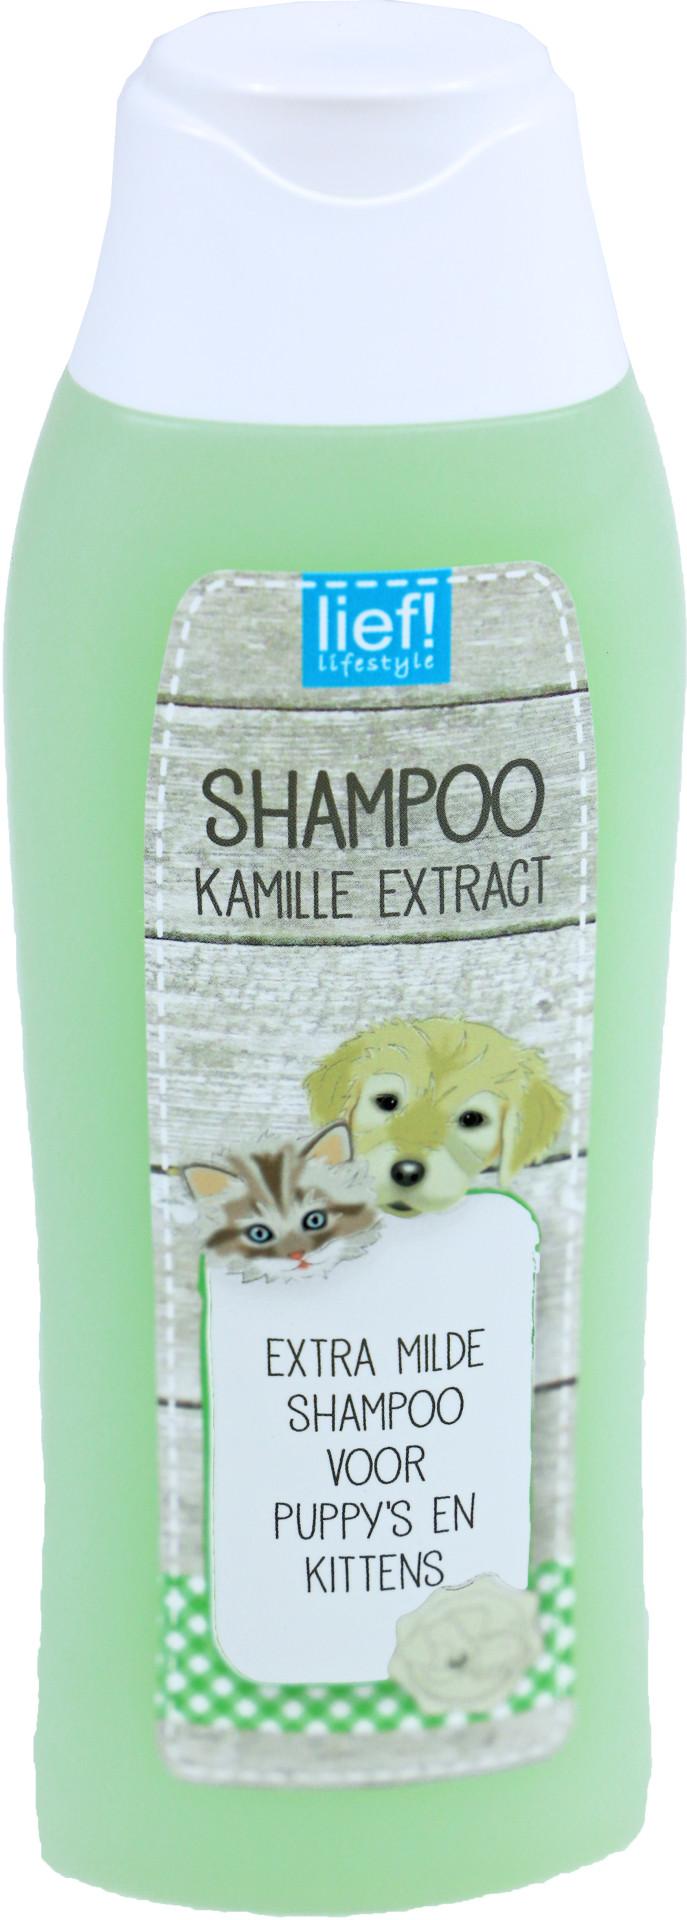 lief! lifestyle shampoo Puppy en Kitten 300 ml